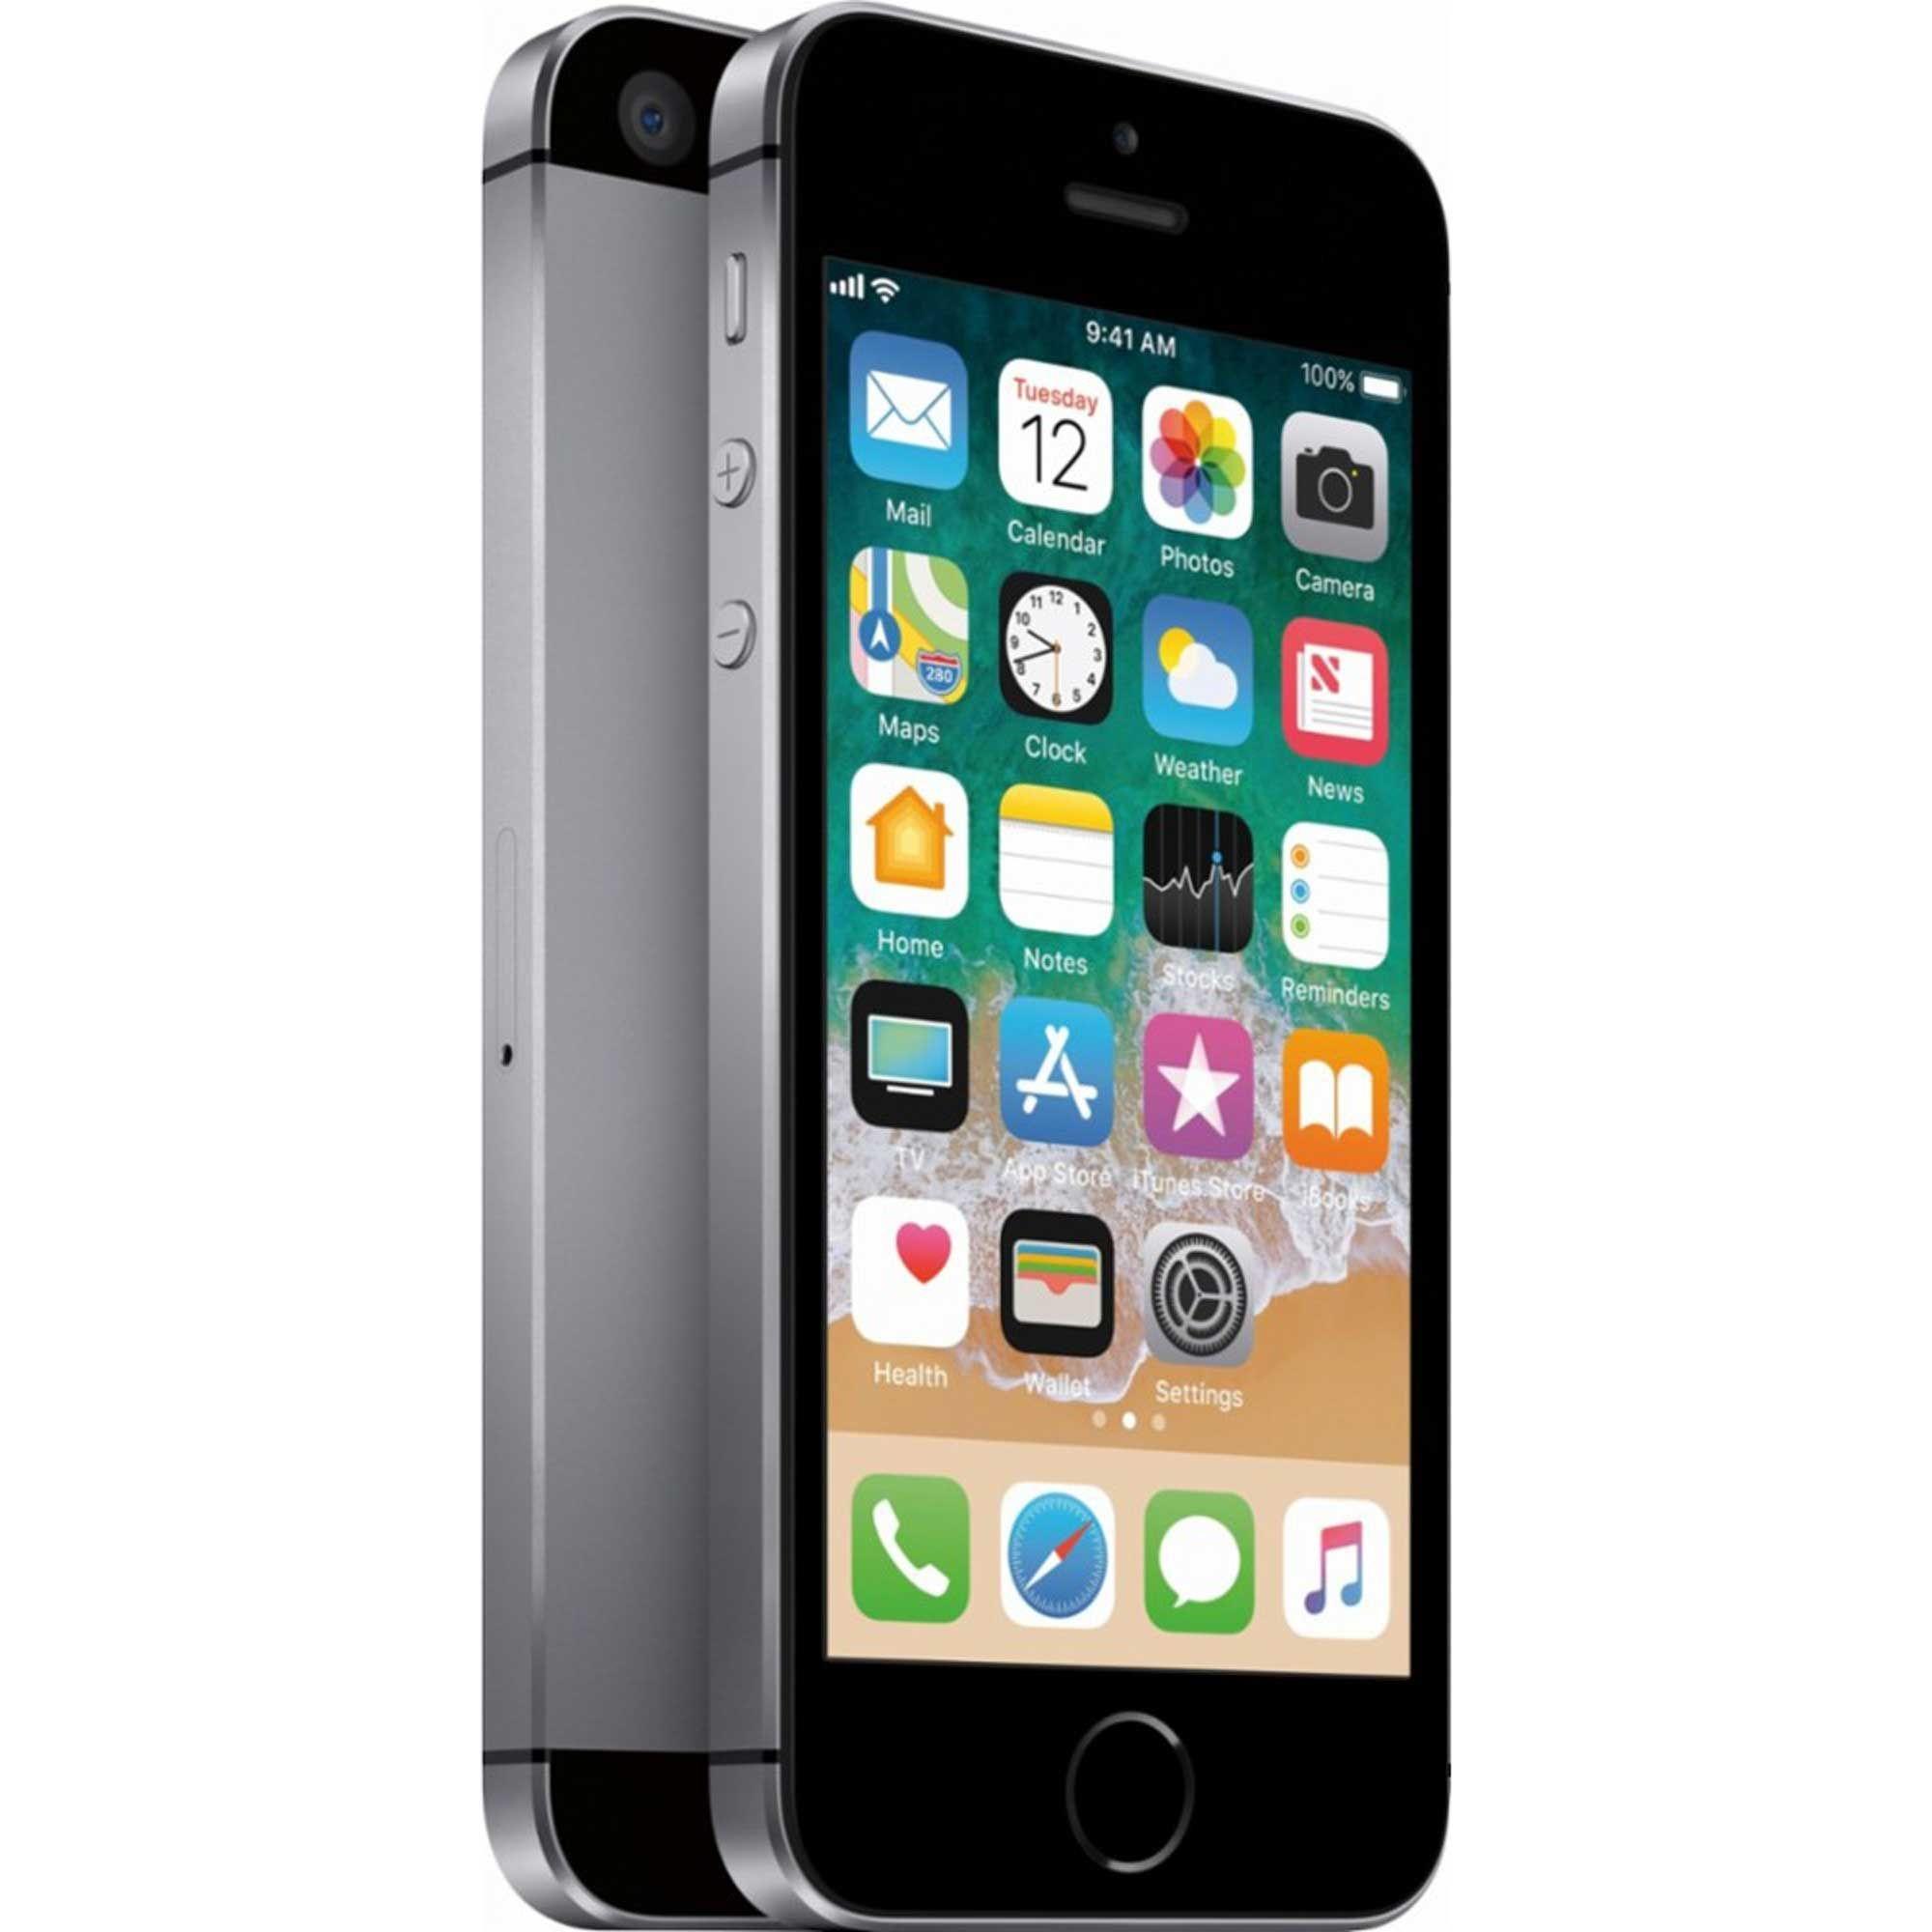 Begagnad iPhone SE - Mobidora.se - Begagnade mobiltelefoner på nätet